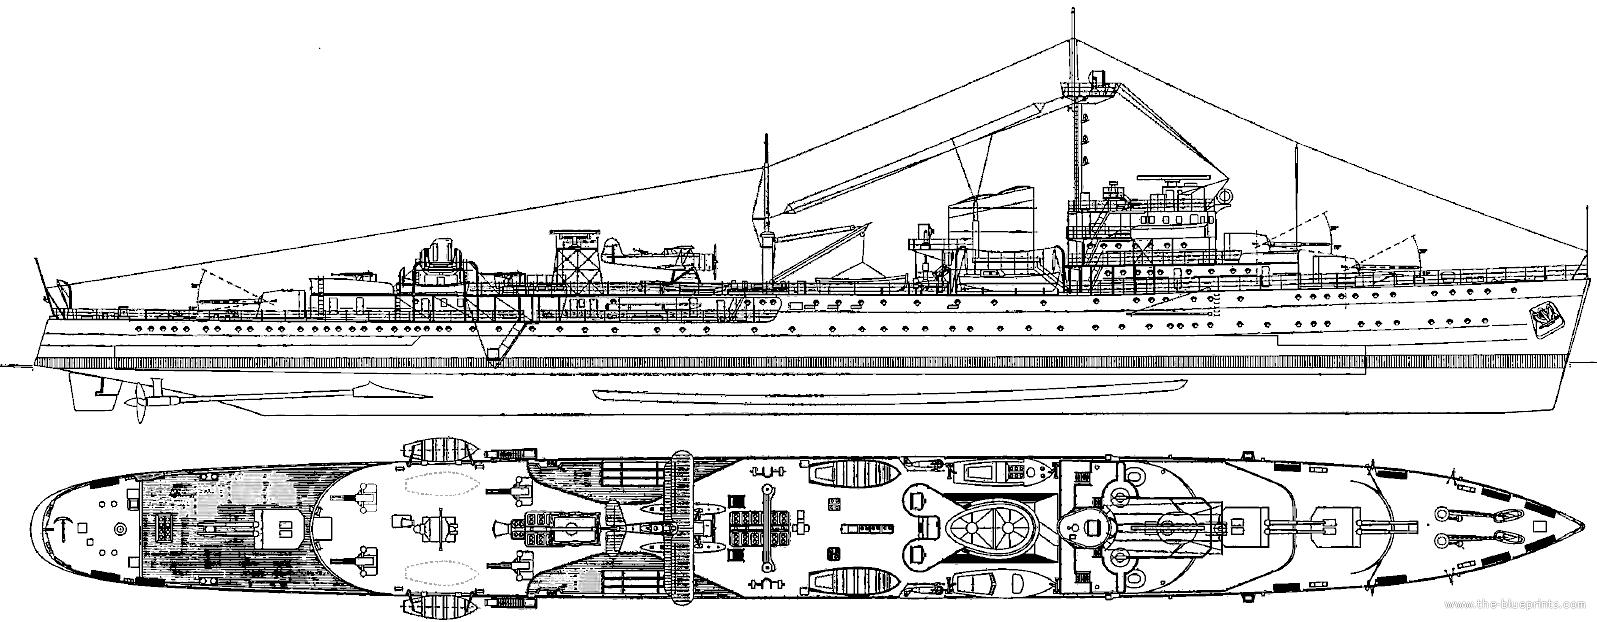 Tromp 1938 general appearance HD